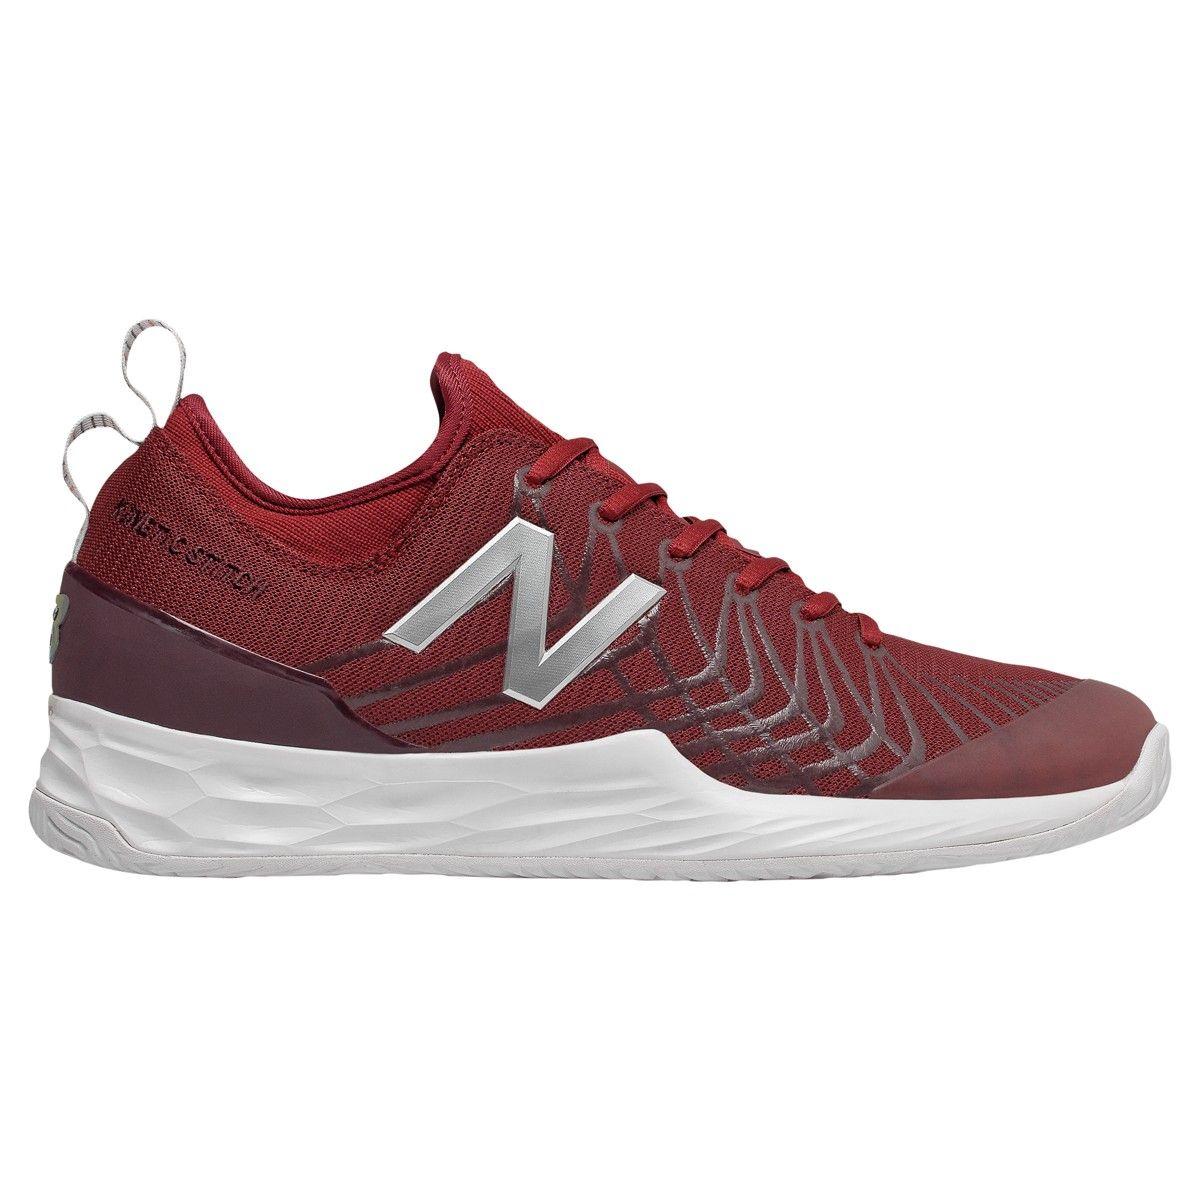 chaussures de tennis hommes new balance